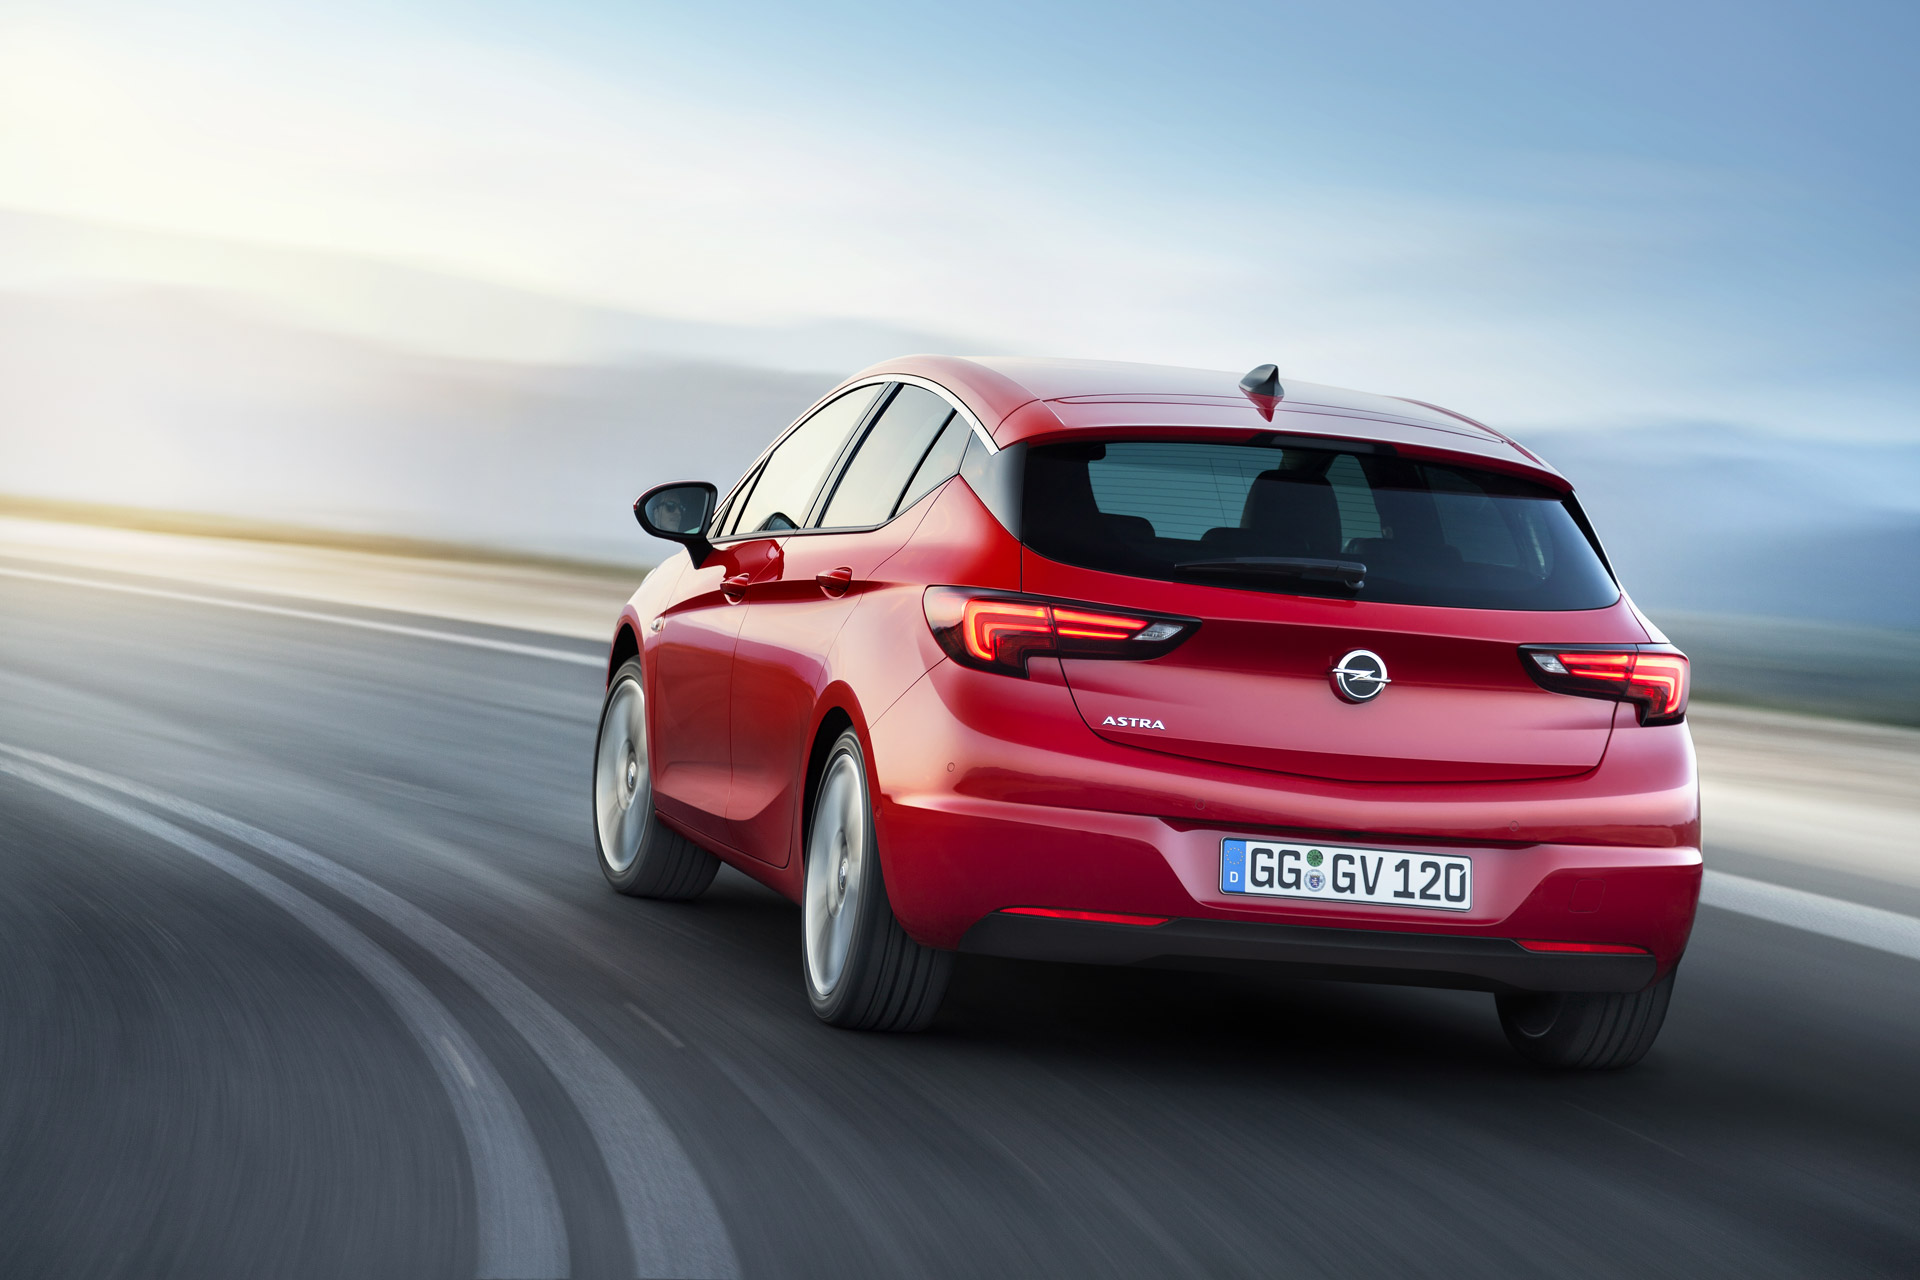 Yeni nesil Opel Astra, eski versiyona göre biraz daha kısa